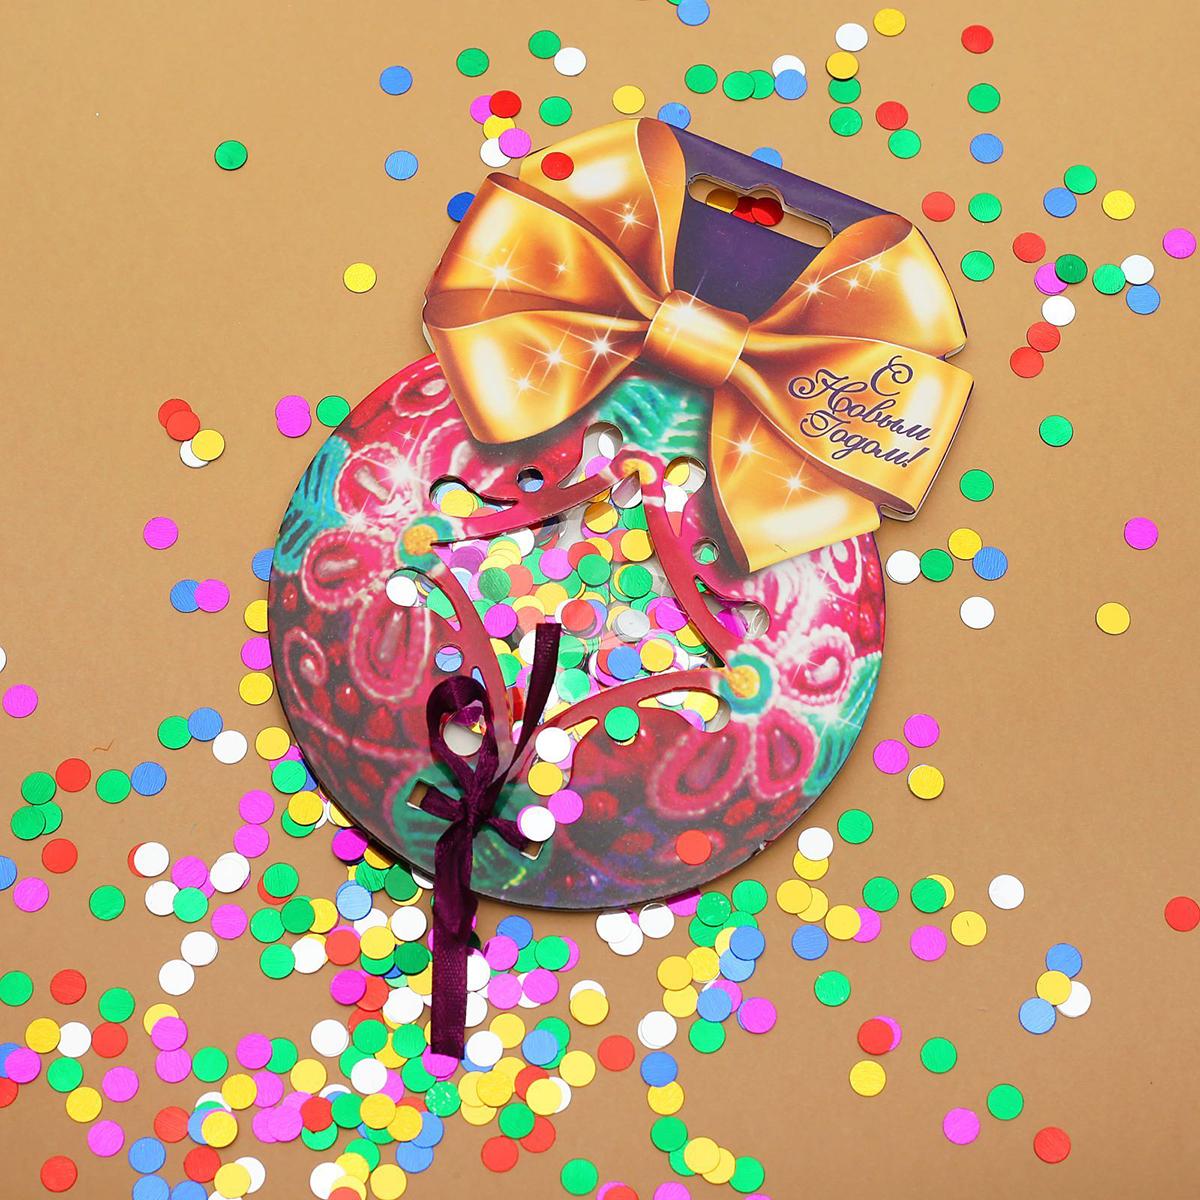 Конфетти Страна Карнавалия С Новым годом! Шарик1376111Яркое конфетти создаст неповторимую атмосферу карнавала! Красочные фигурки станут эффектной точкой вашего выступления или поздравления. Наберите их в ладони и в ключевой момент подбросьте вверх. Они окутают всех вокруг разноцветным облачком. Компактный пакетик можно взять с собой куда угодно. С этим атрибутом легко произвести фурор на любой вечеринке или привнести нотку праздника в обычные дни.